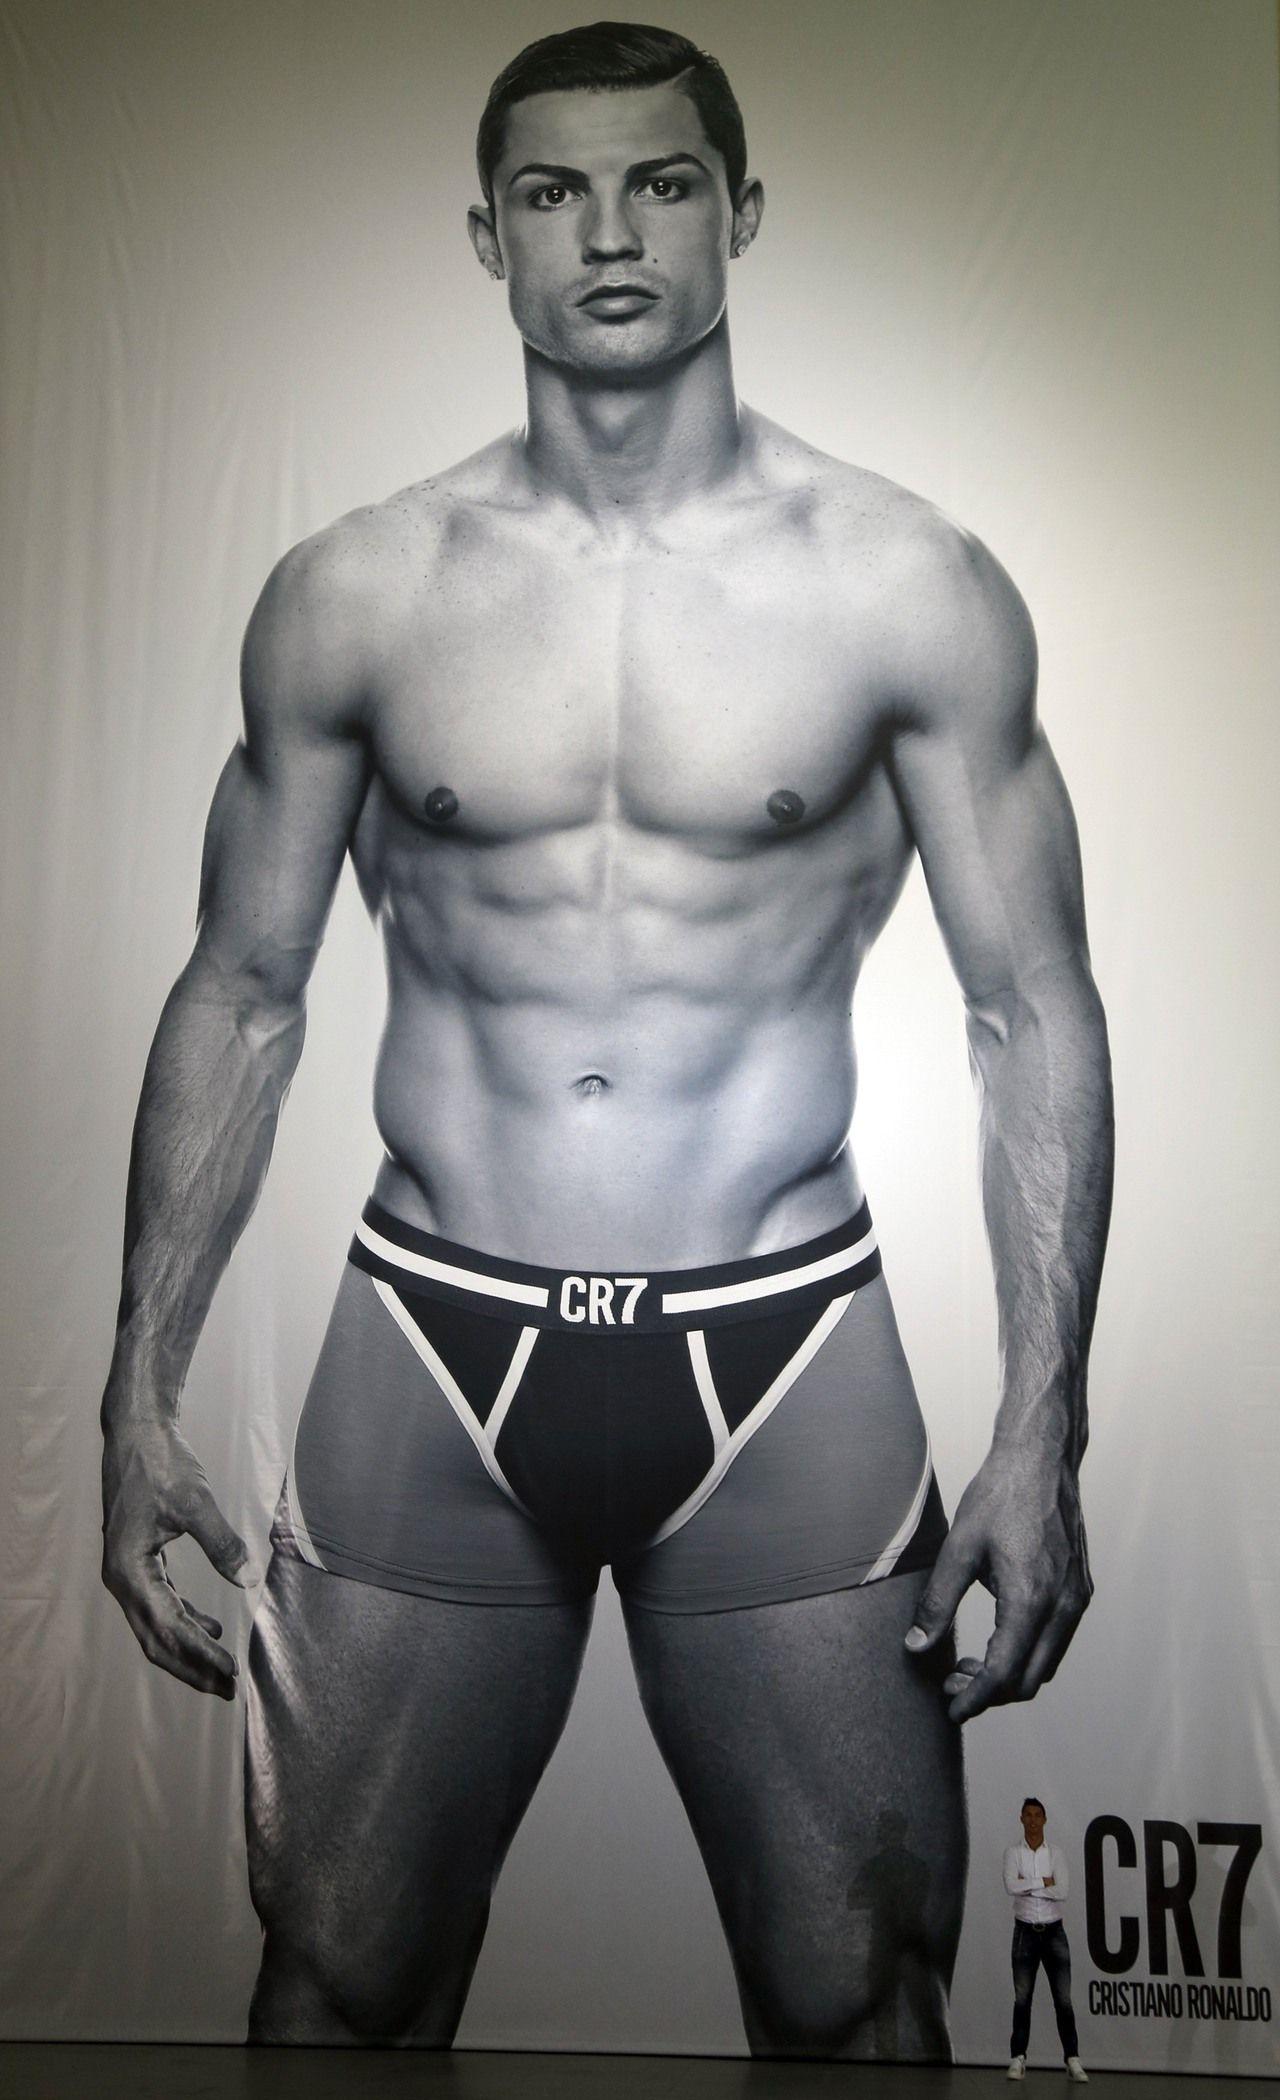 クリスチアーノ ロナウド 筋肉 , Google 検索